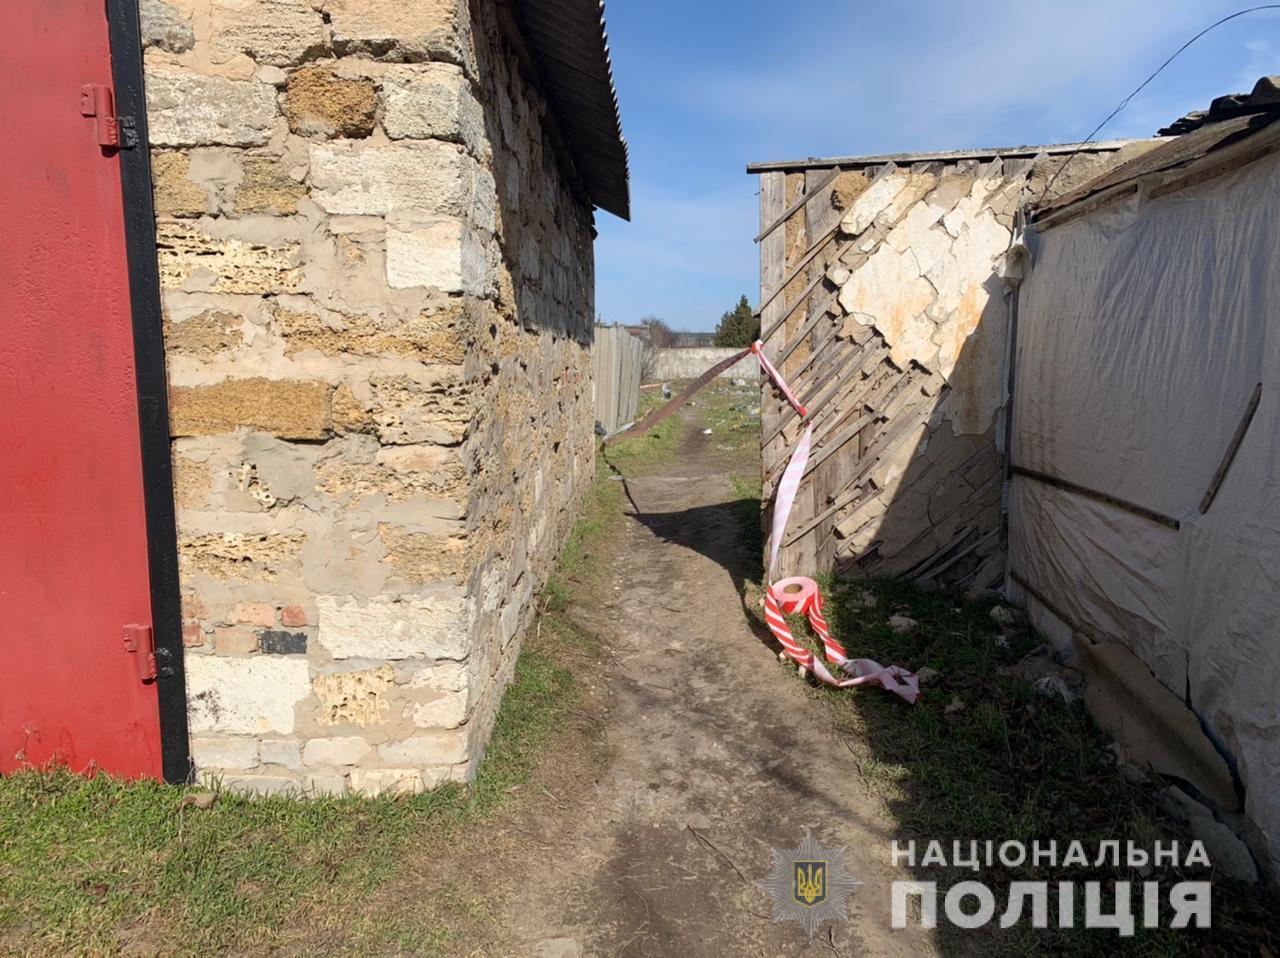 Мертвою дитину виявили під час повторного огляду території села